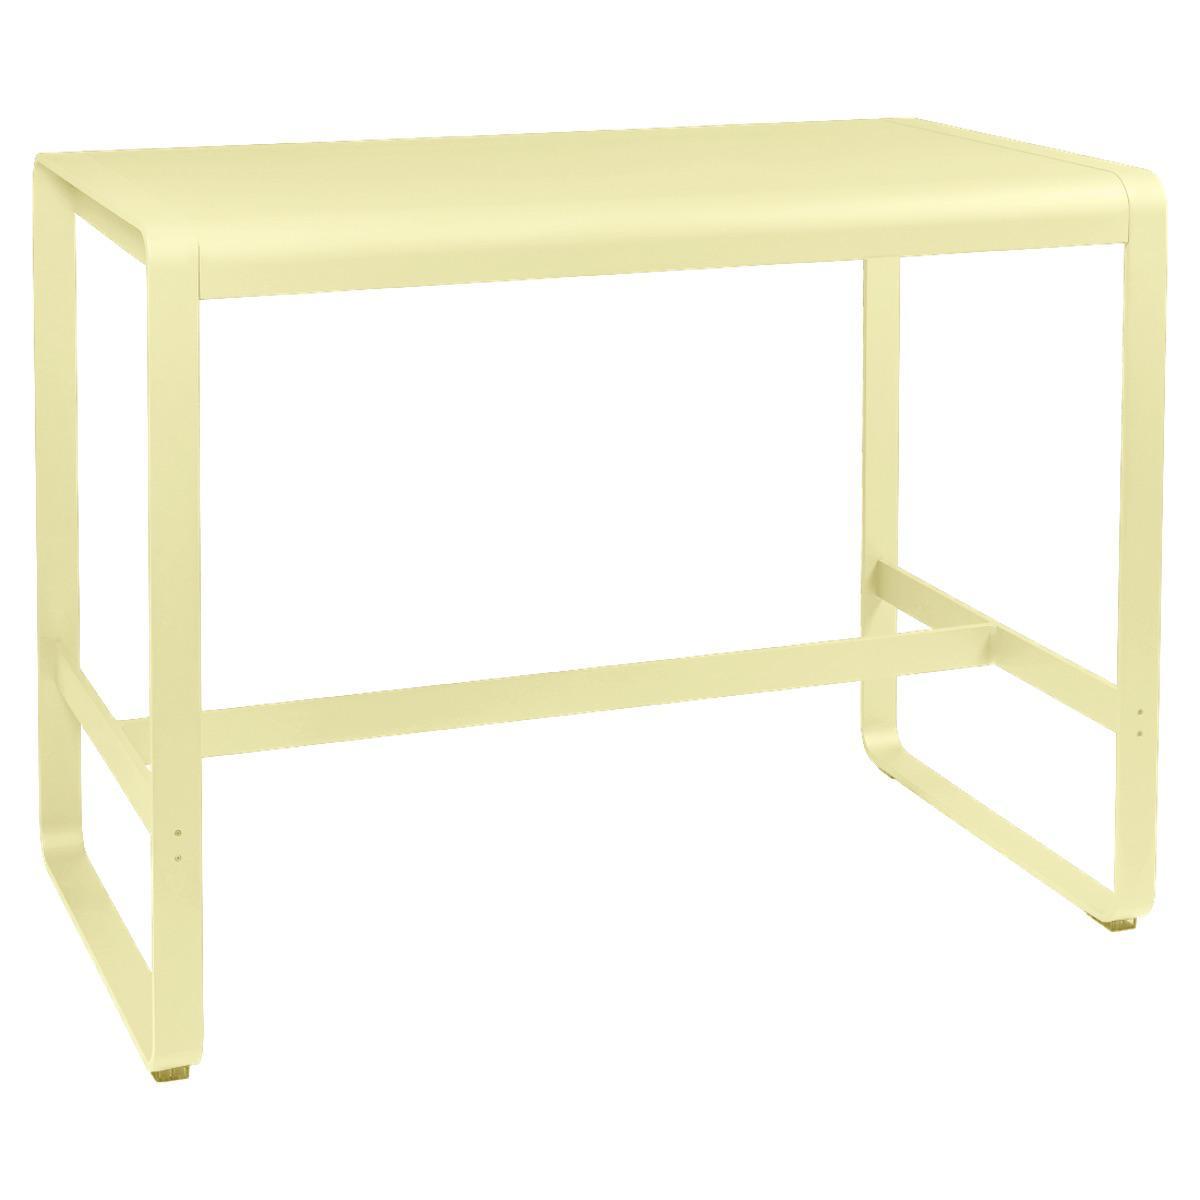 Table haute 80x140cm BELLEVIE Fermob citron givré